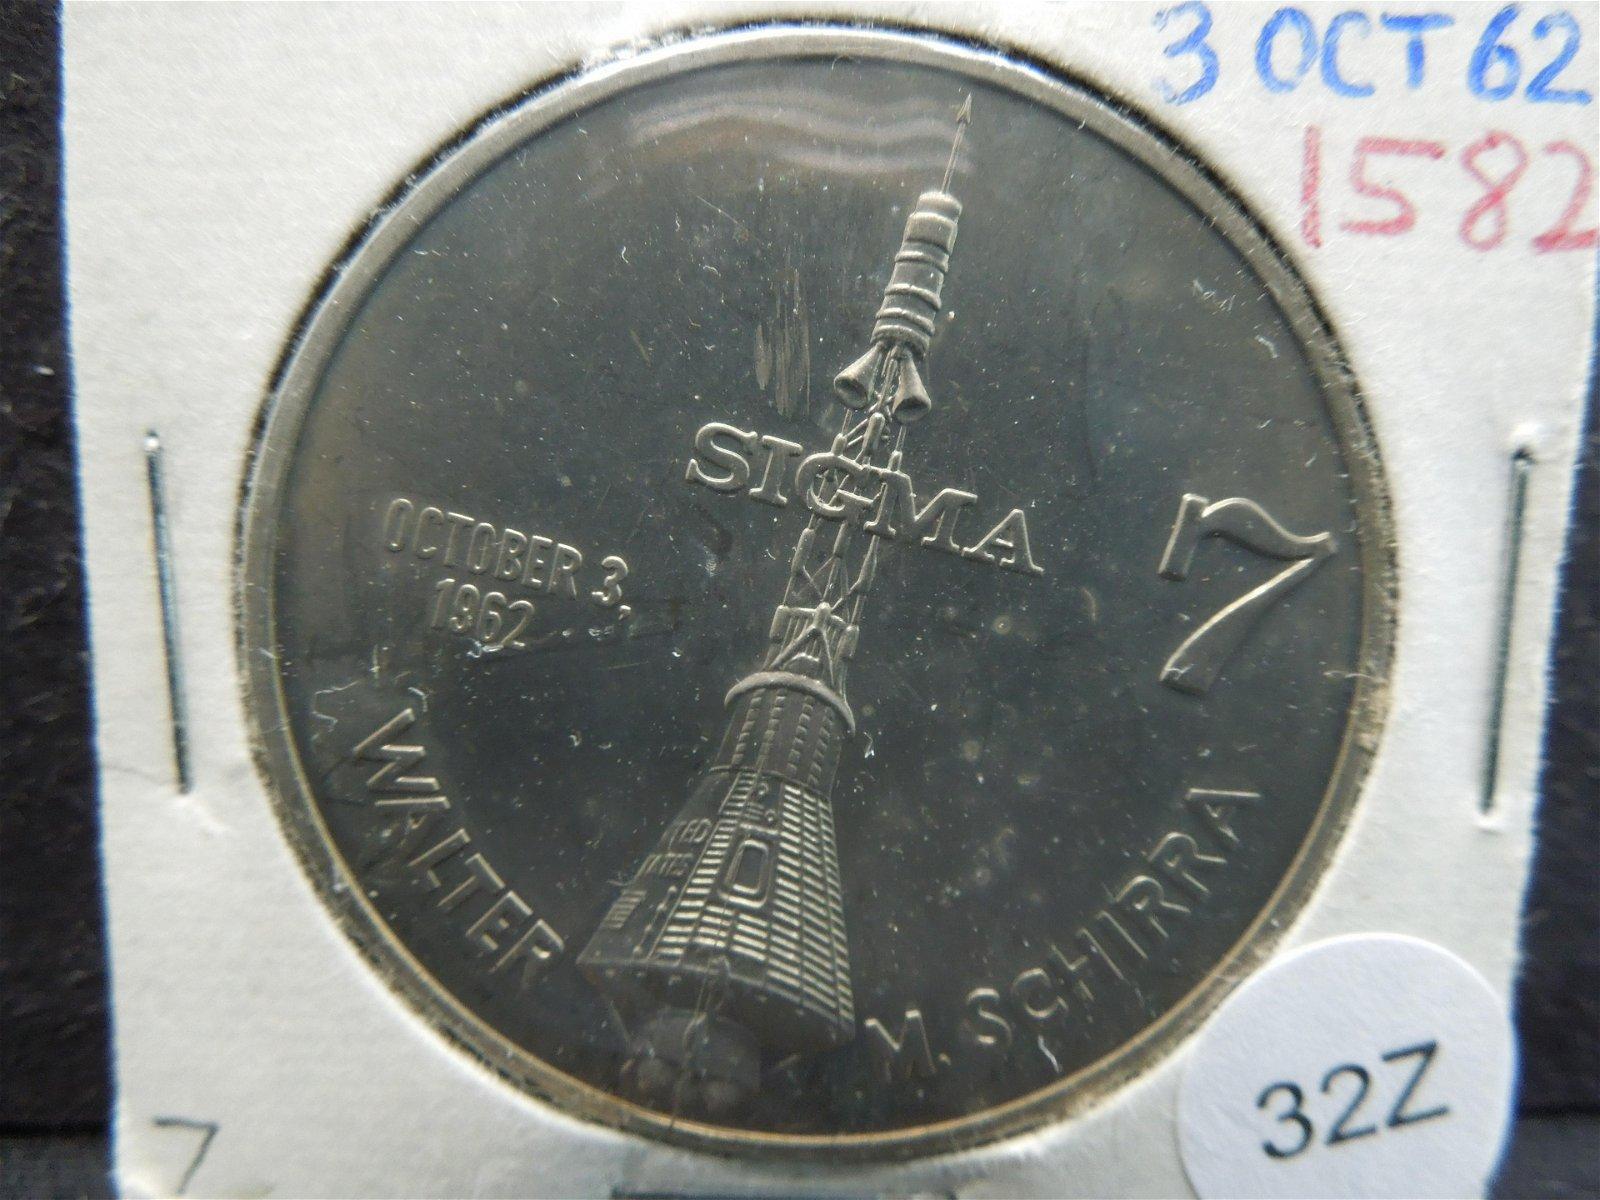 Walter M. Schirra Medal.  October 3, 1962.  Mercury